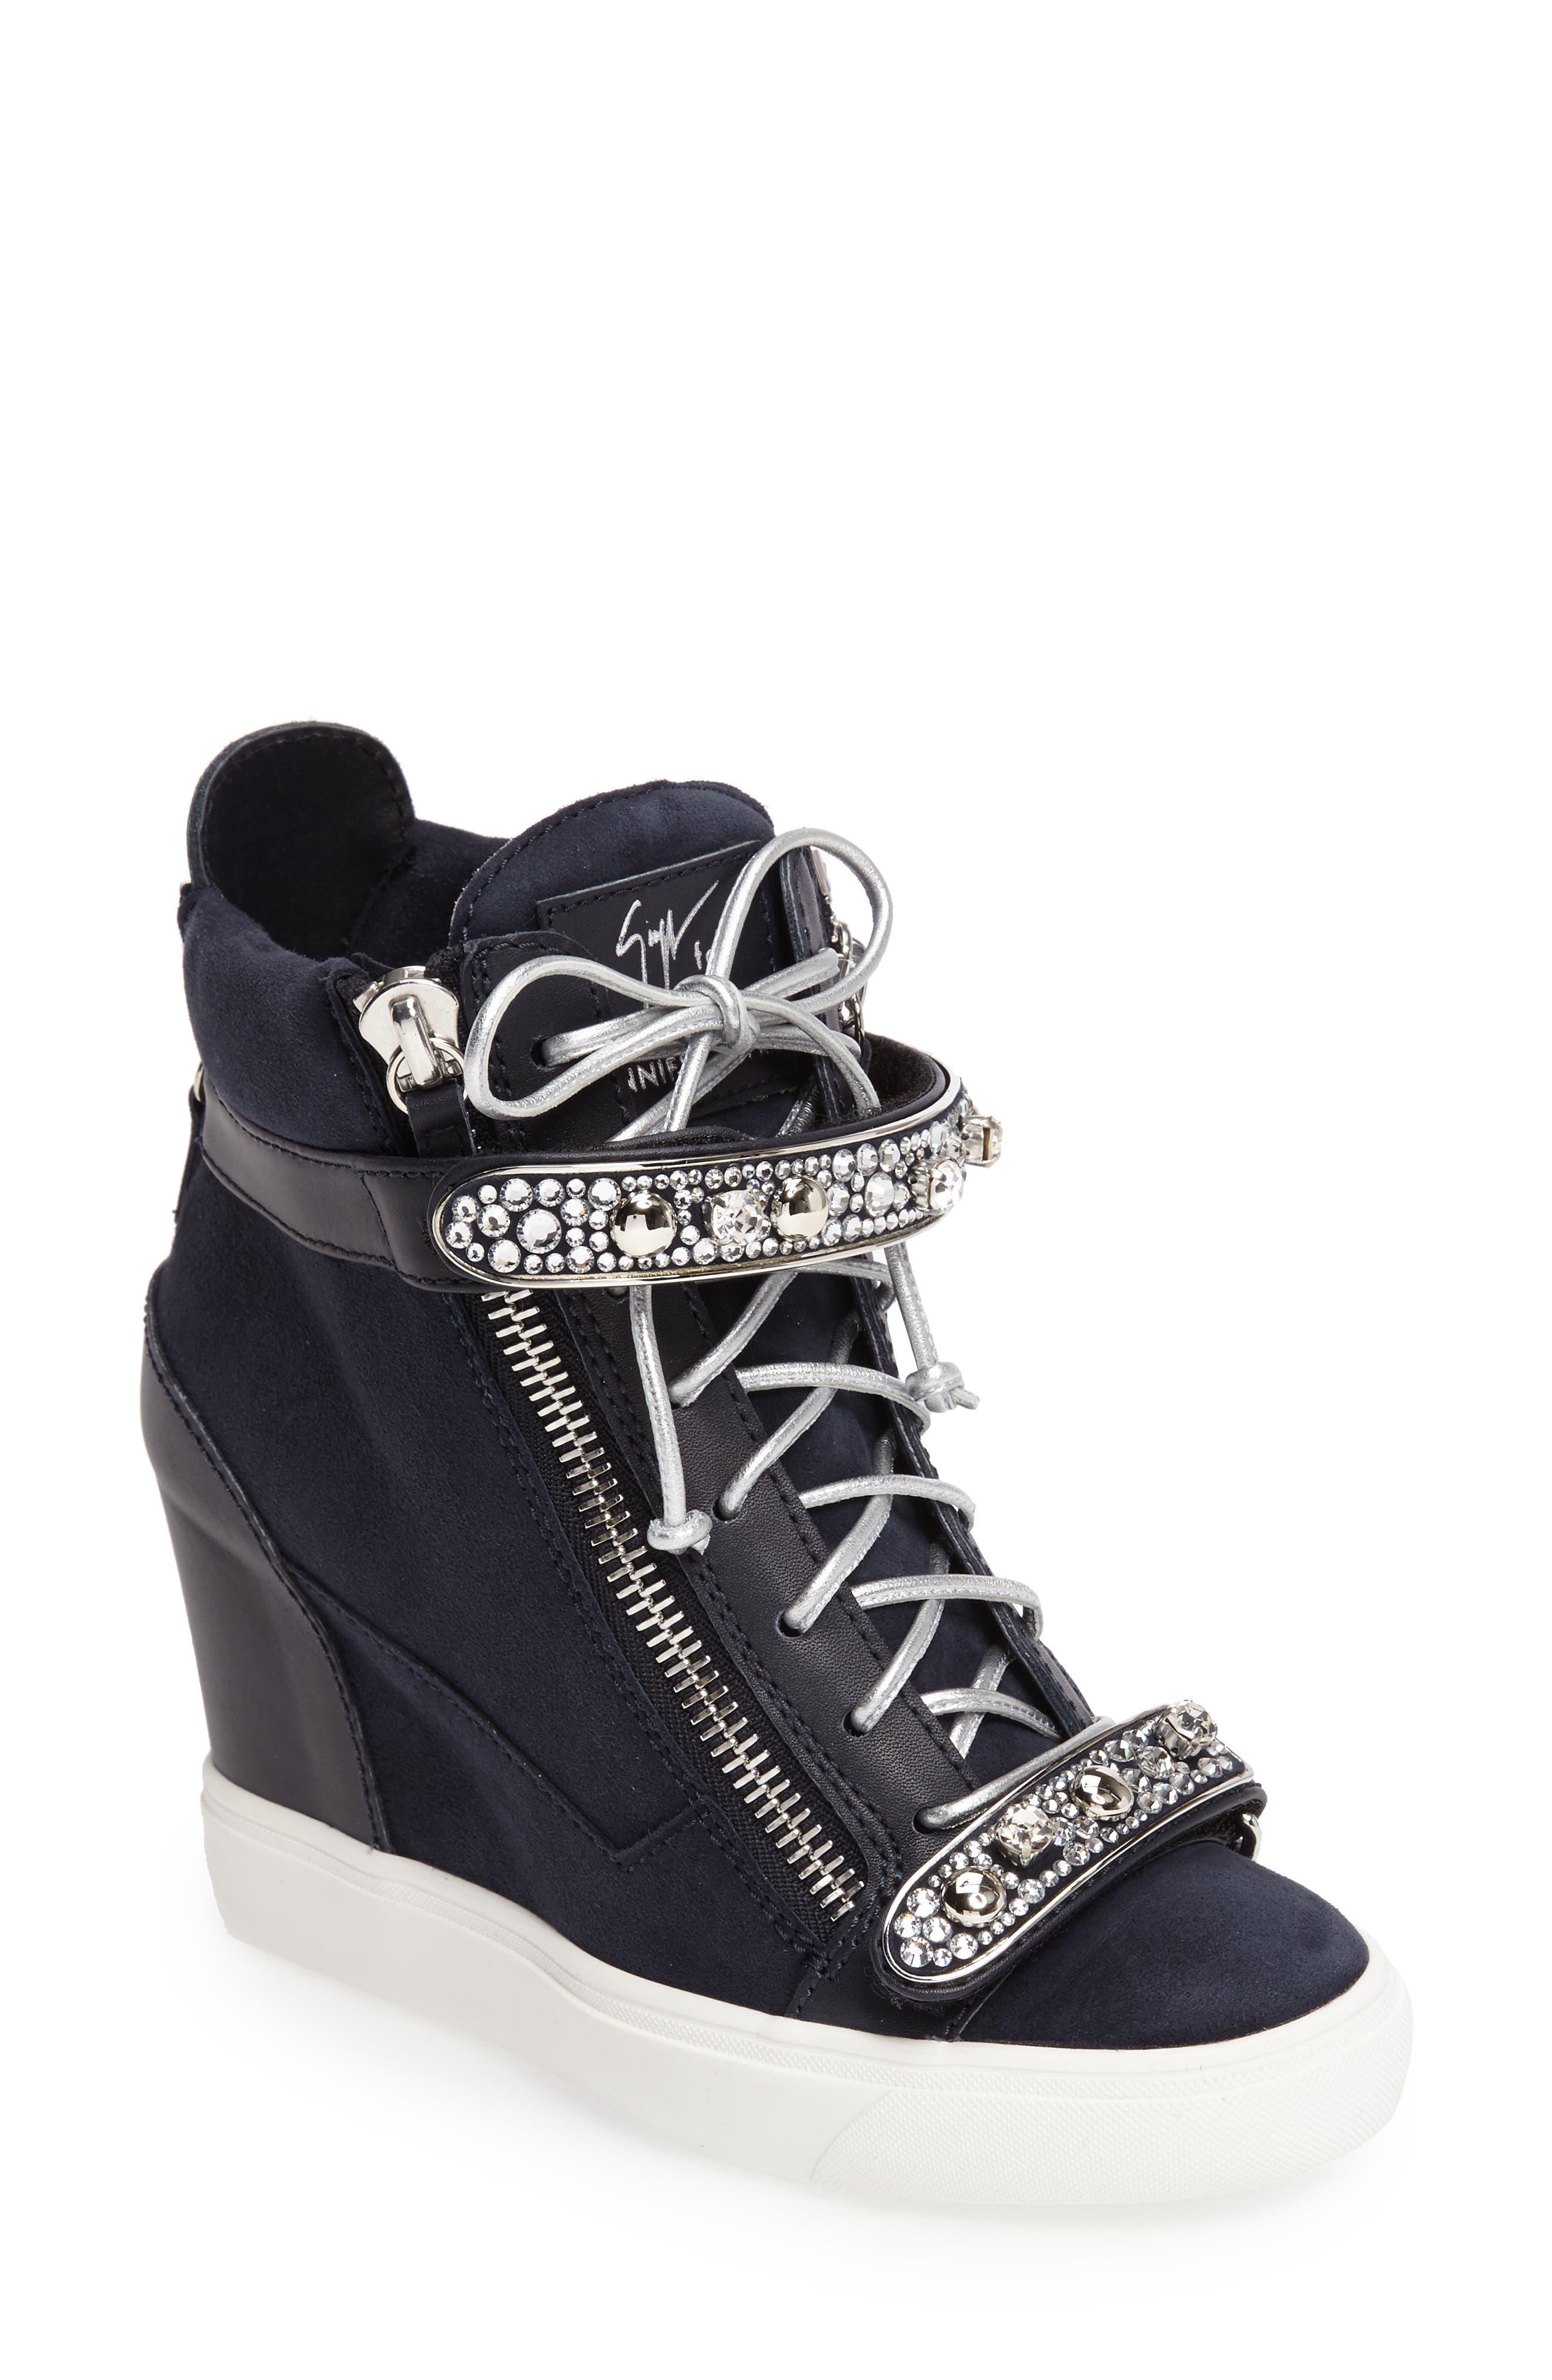 Alternate Image 1 Selected - Giuseppe for Jennifer Lopez Tiana Hidden Wedge Sneaker (Women)